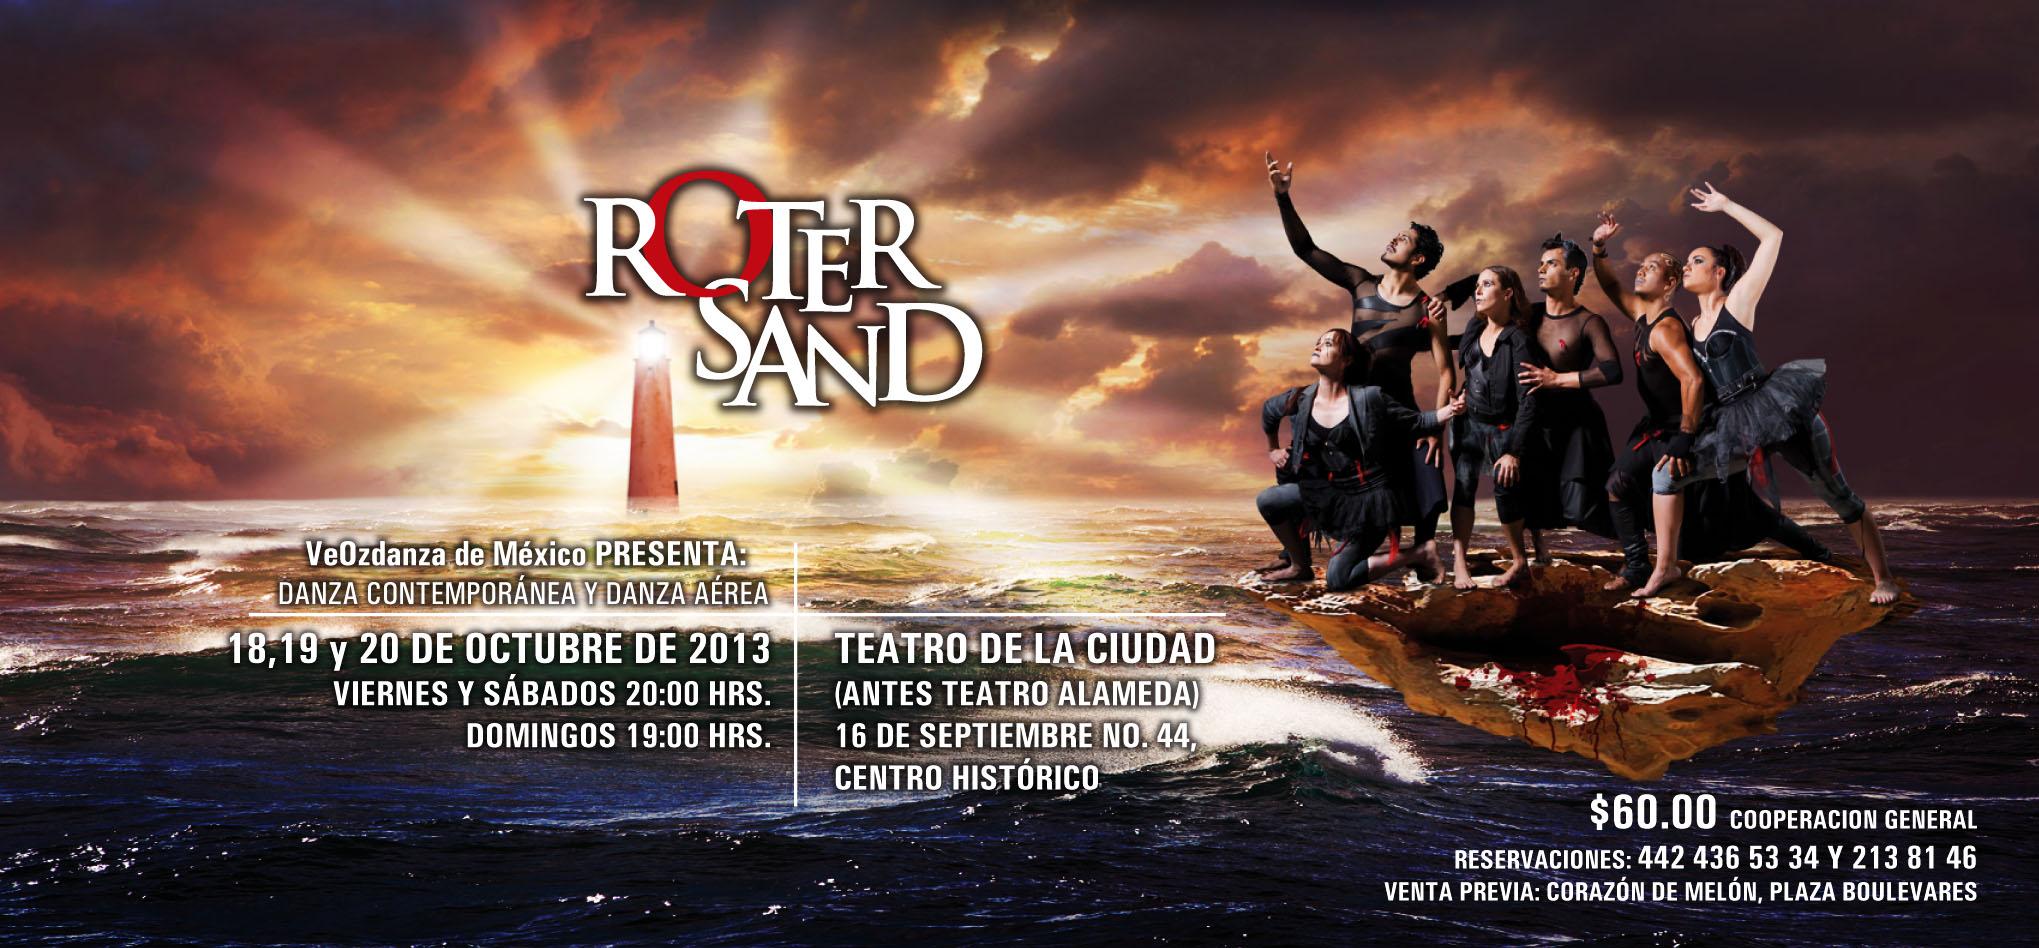 Roter Sand – Danza contemporánea y danza aérea